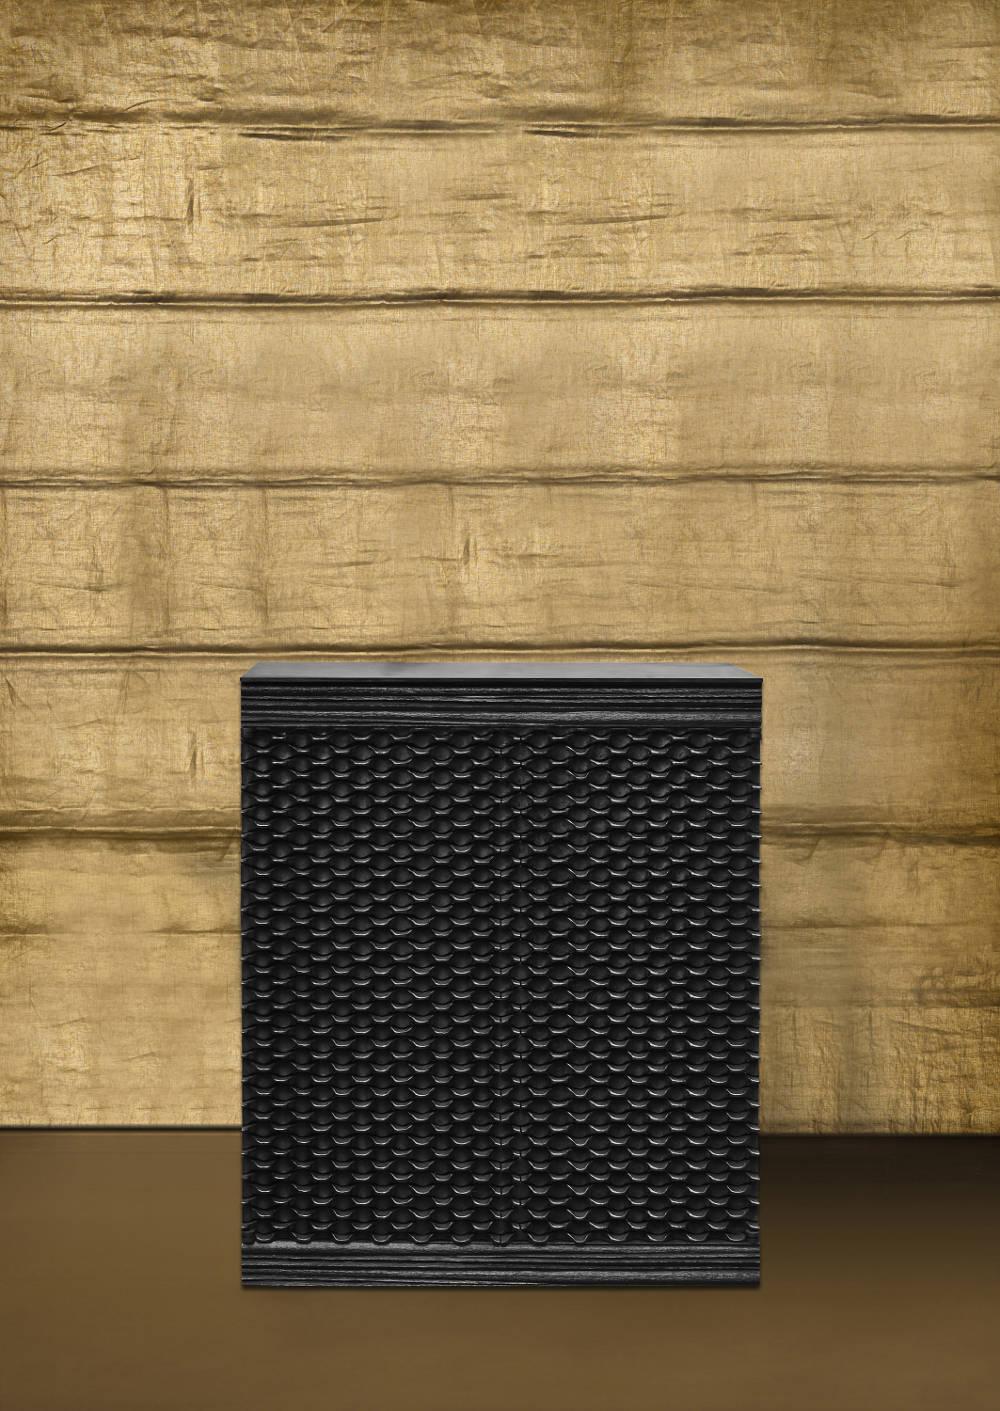 Peter Marino, Short Dragon Scale Box, 2017. Blackened bronze 46 1/16 × 37 1/2 × 18 3/16 inches (117 × 95.3 × 46.2 cm) © Peter Marino Architect. Photo by Manolo Yllera. Courtesy Peter Marino Architect and Gagosian.